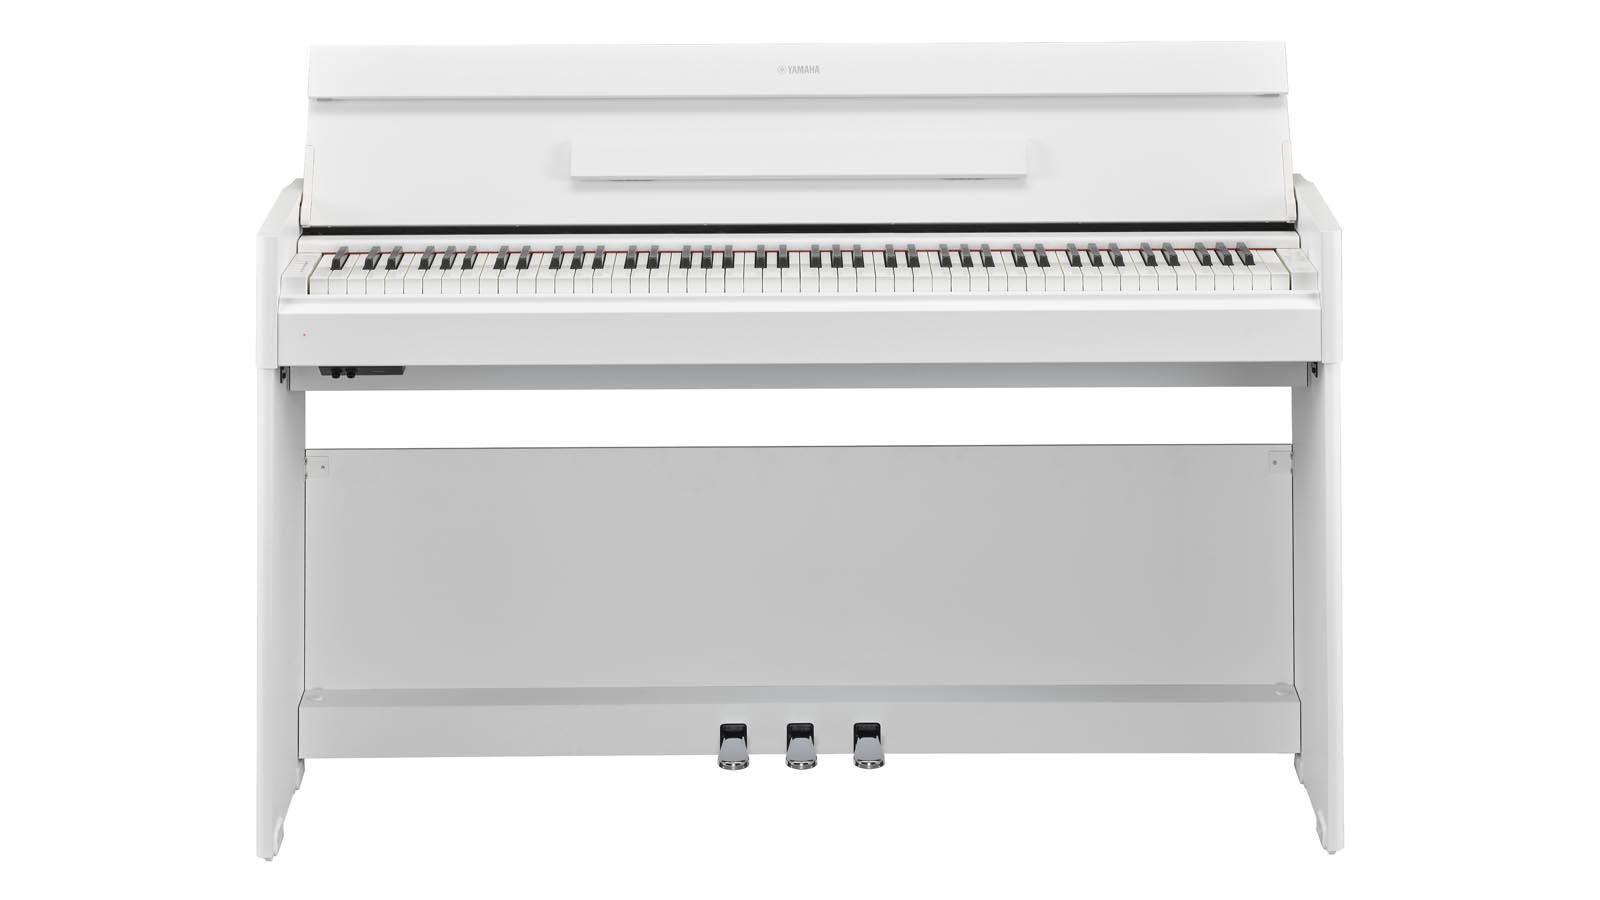 Yamaha YDP-S54 WH Arius Digitalpiano White